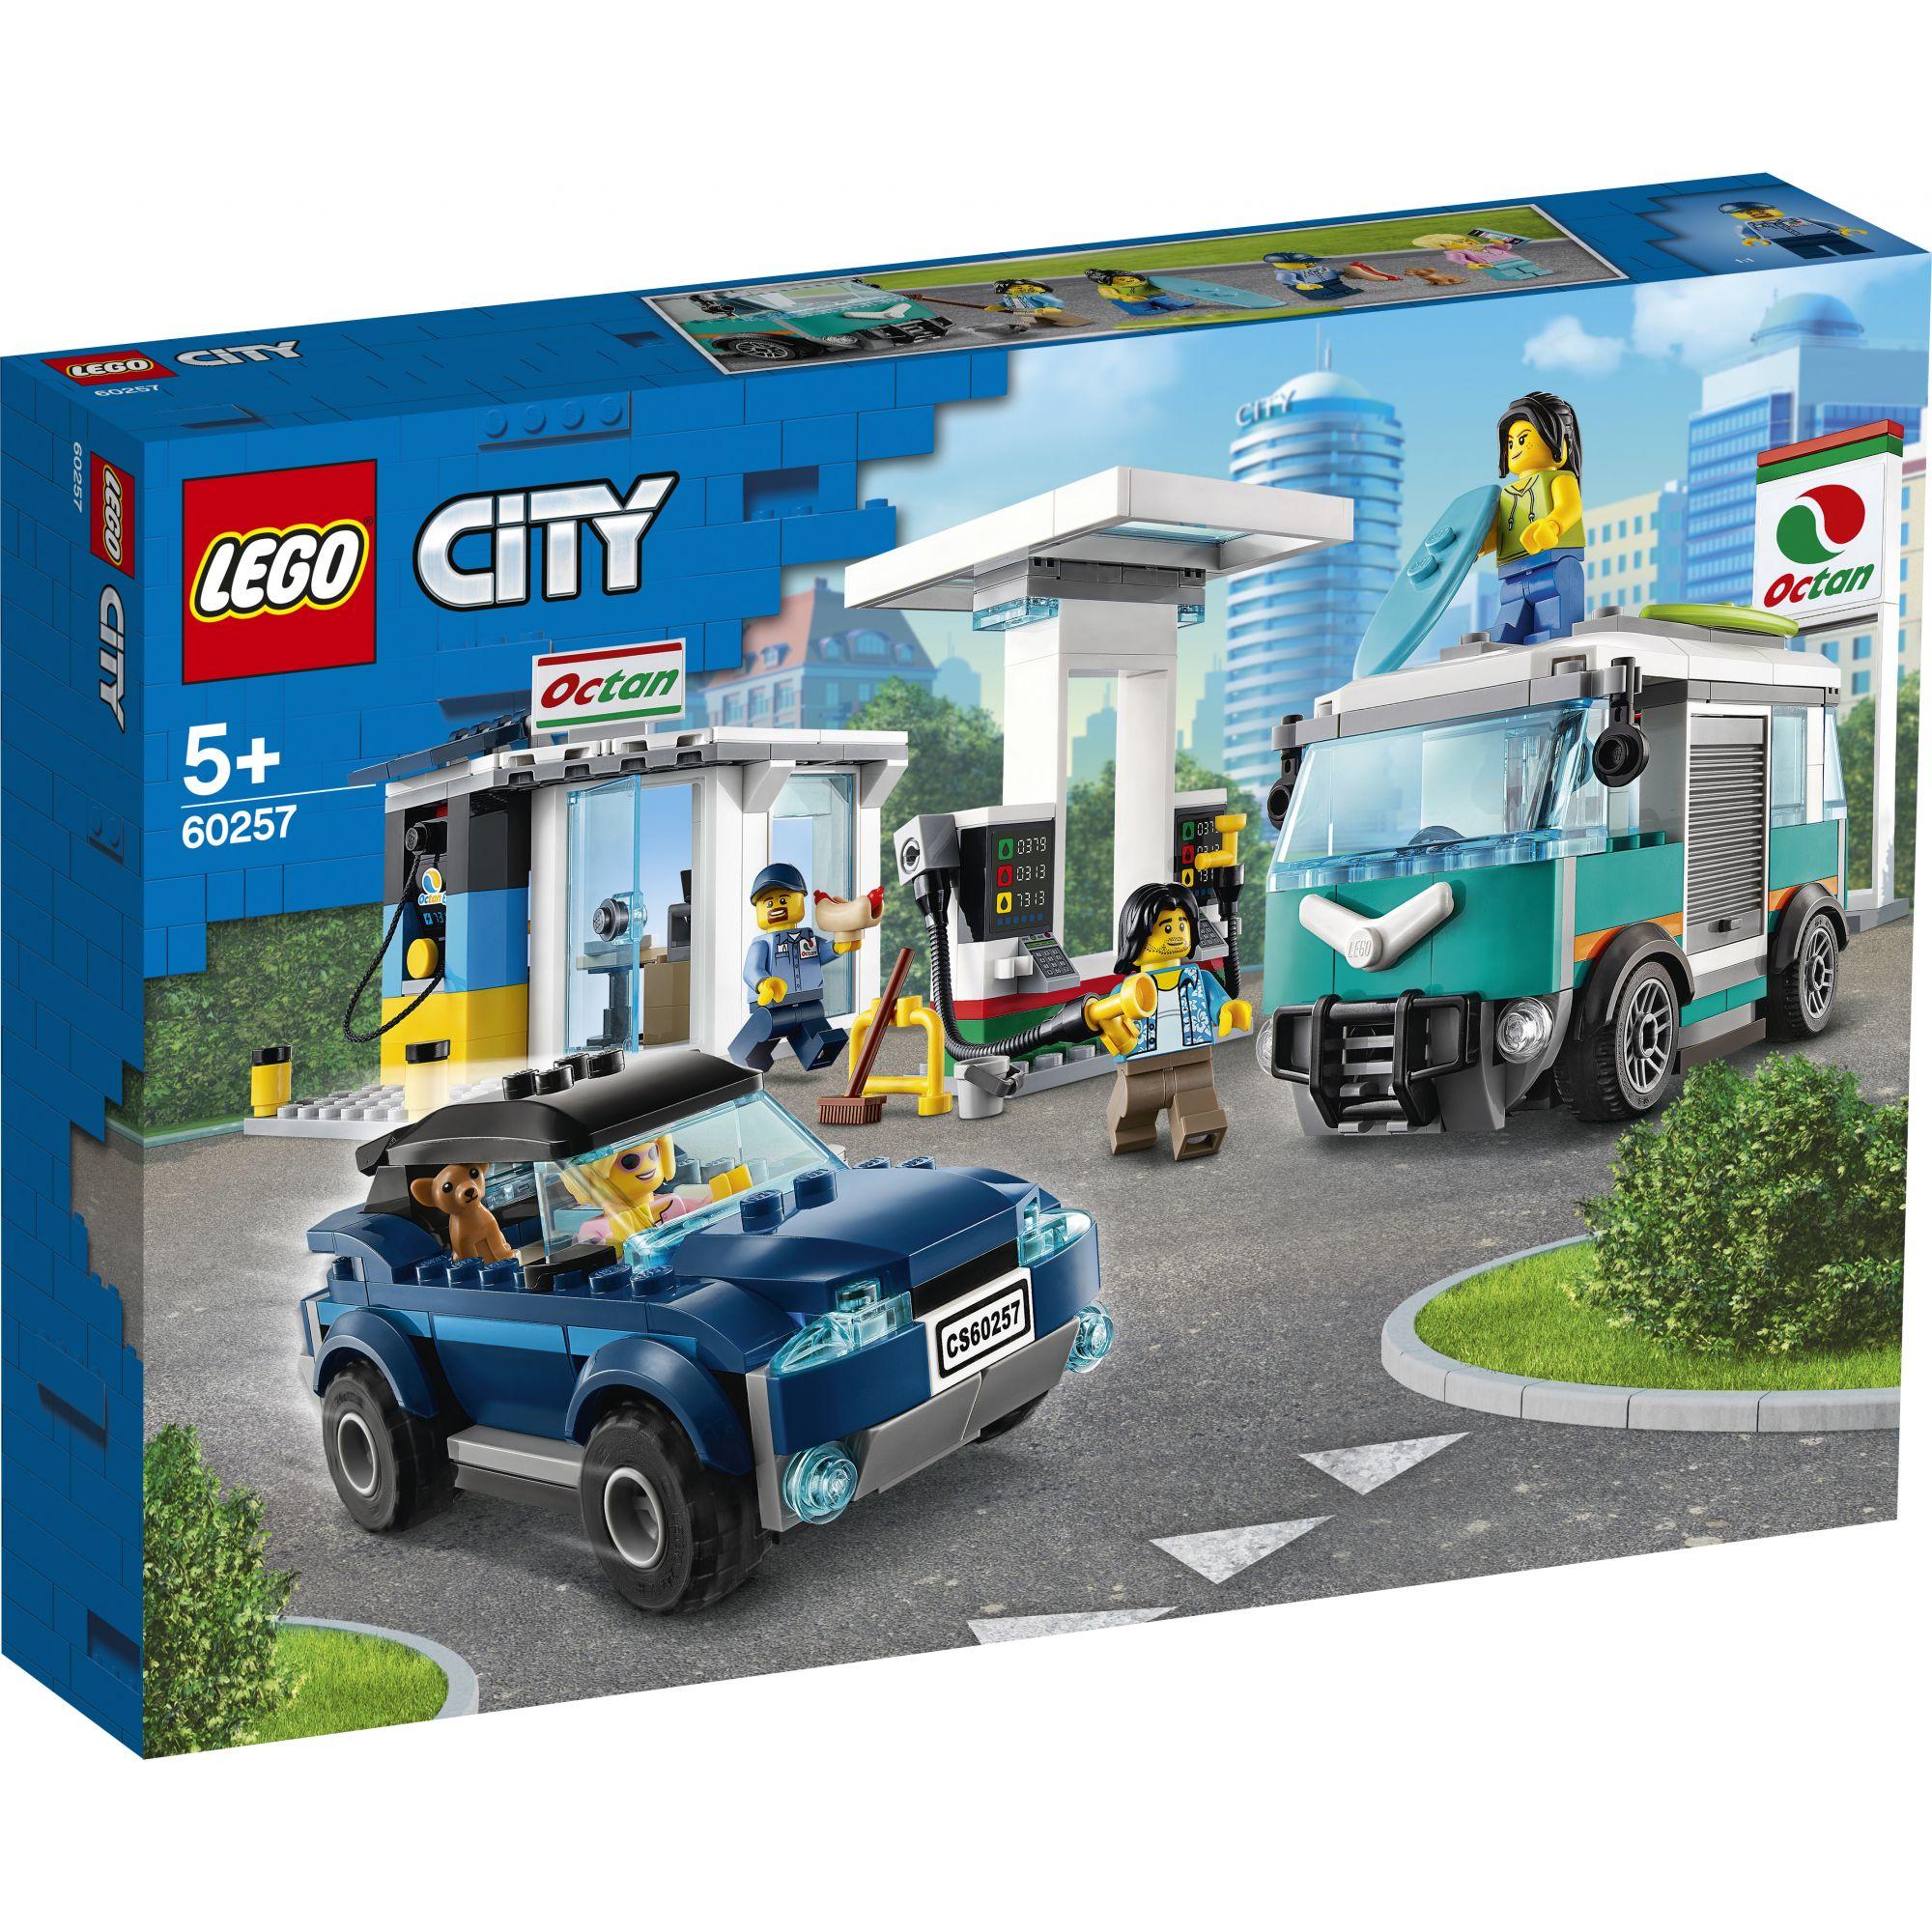 LEGO City Stazione di servizio - 60257 LEGO CITY